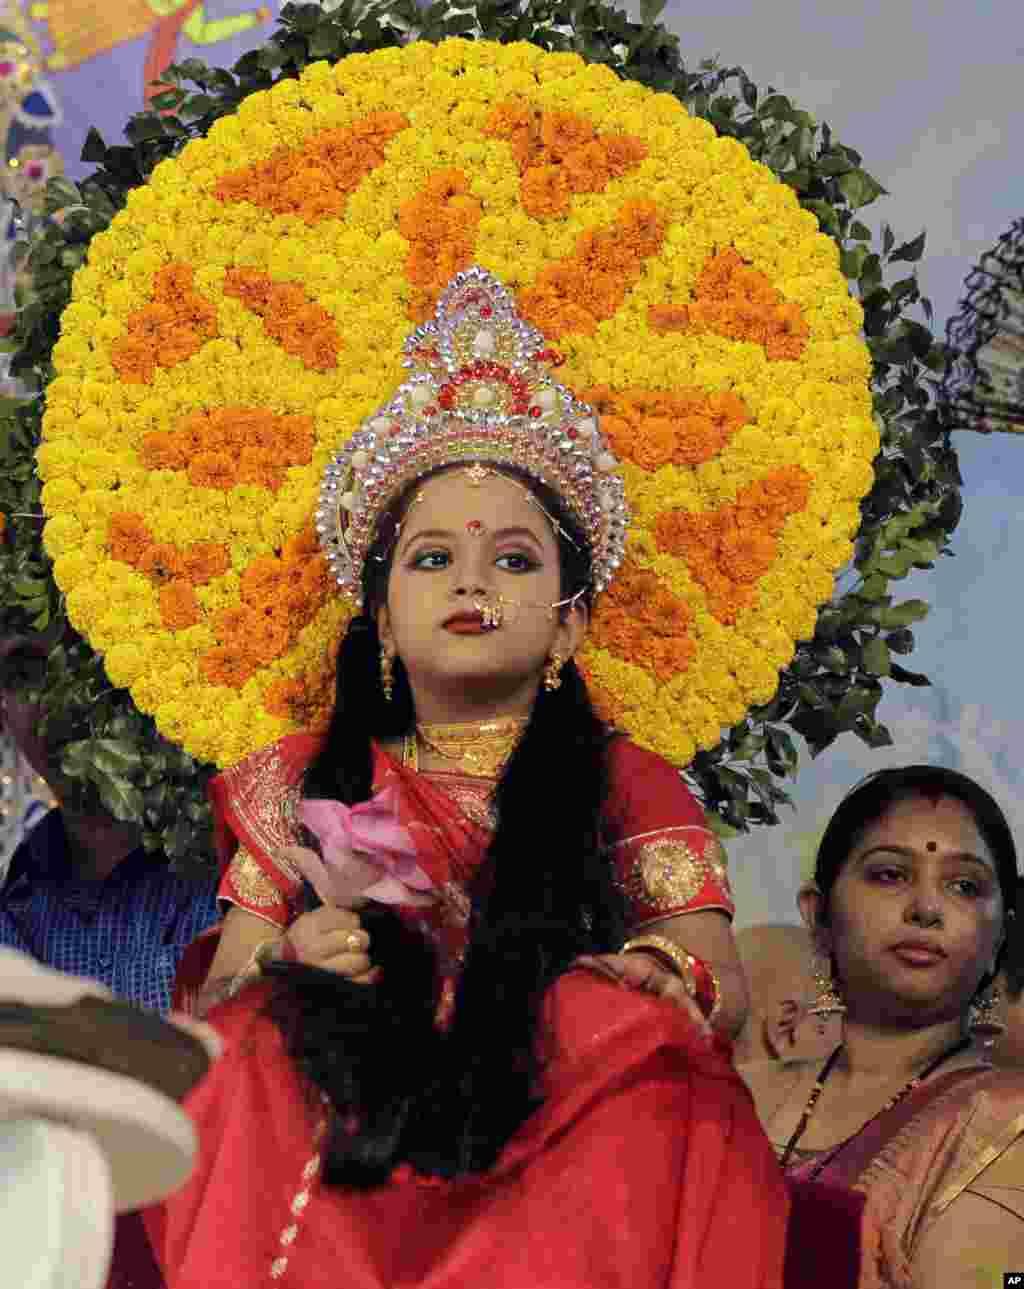 یک دختر جوان در معبدی در داکا، پایتخت بنگلادش، در حال انجام مراسم مذهبی است. او در نقش یک الهه در این مراسم ظاهر شده است.